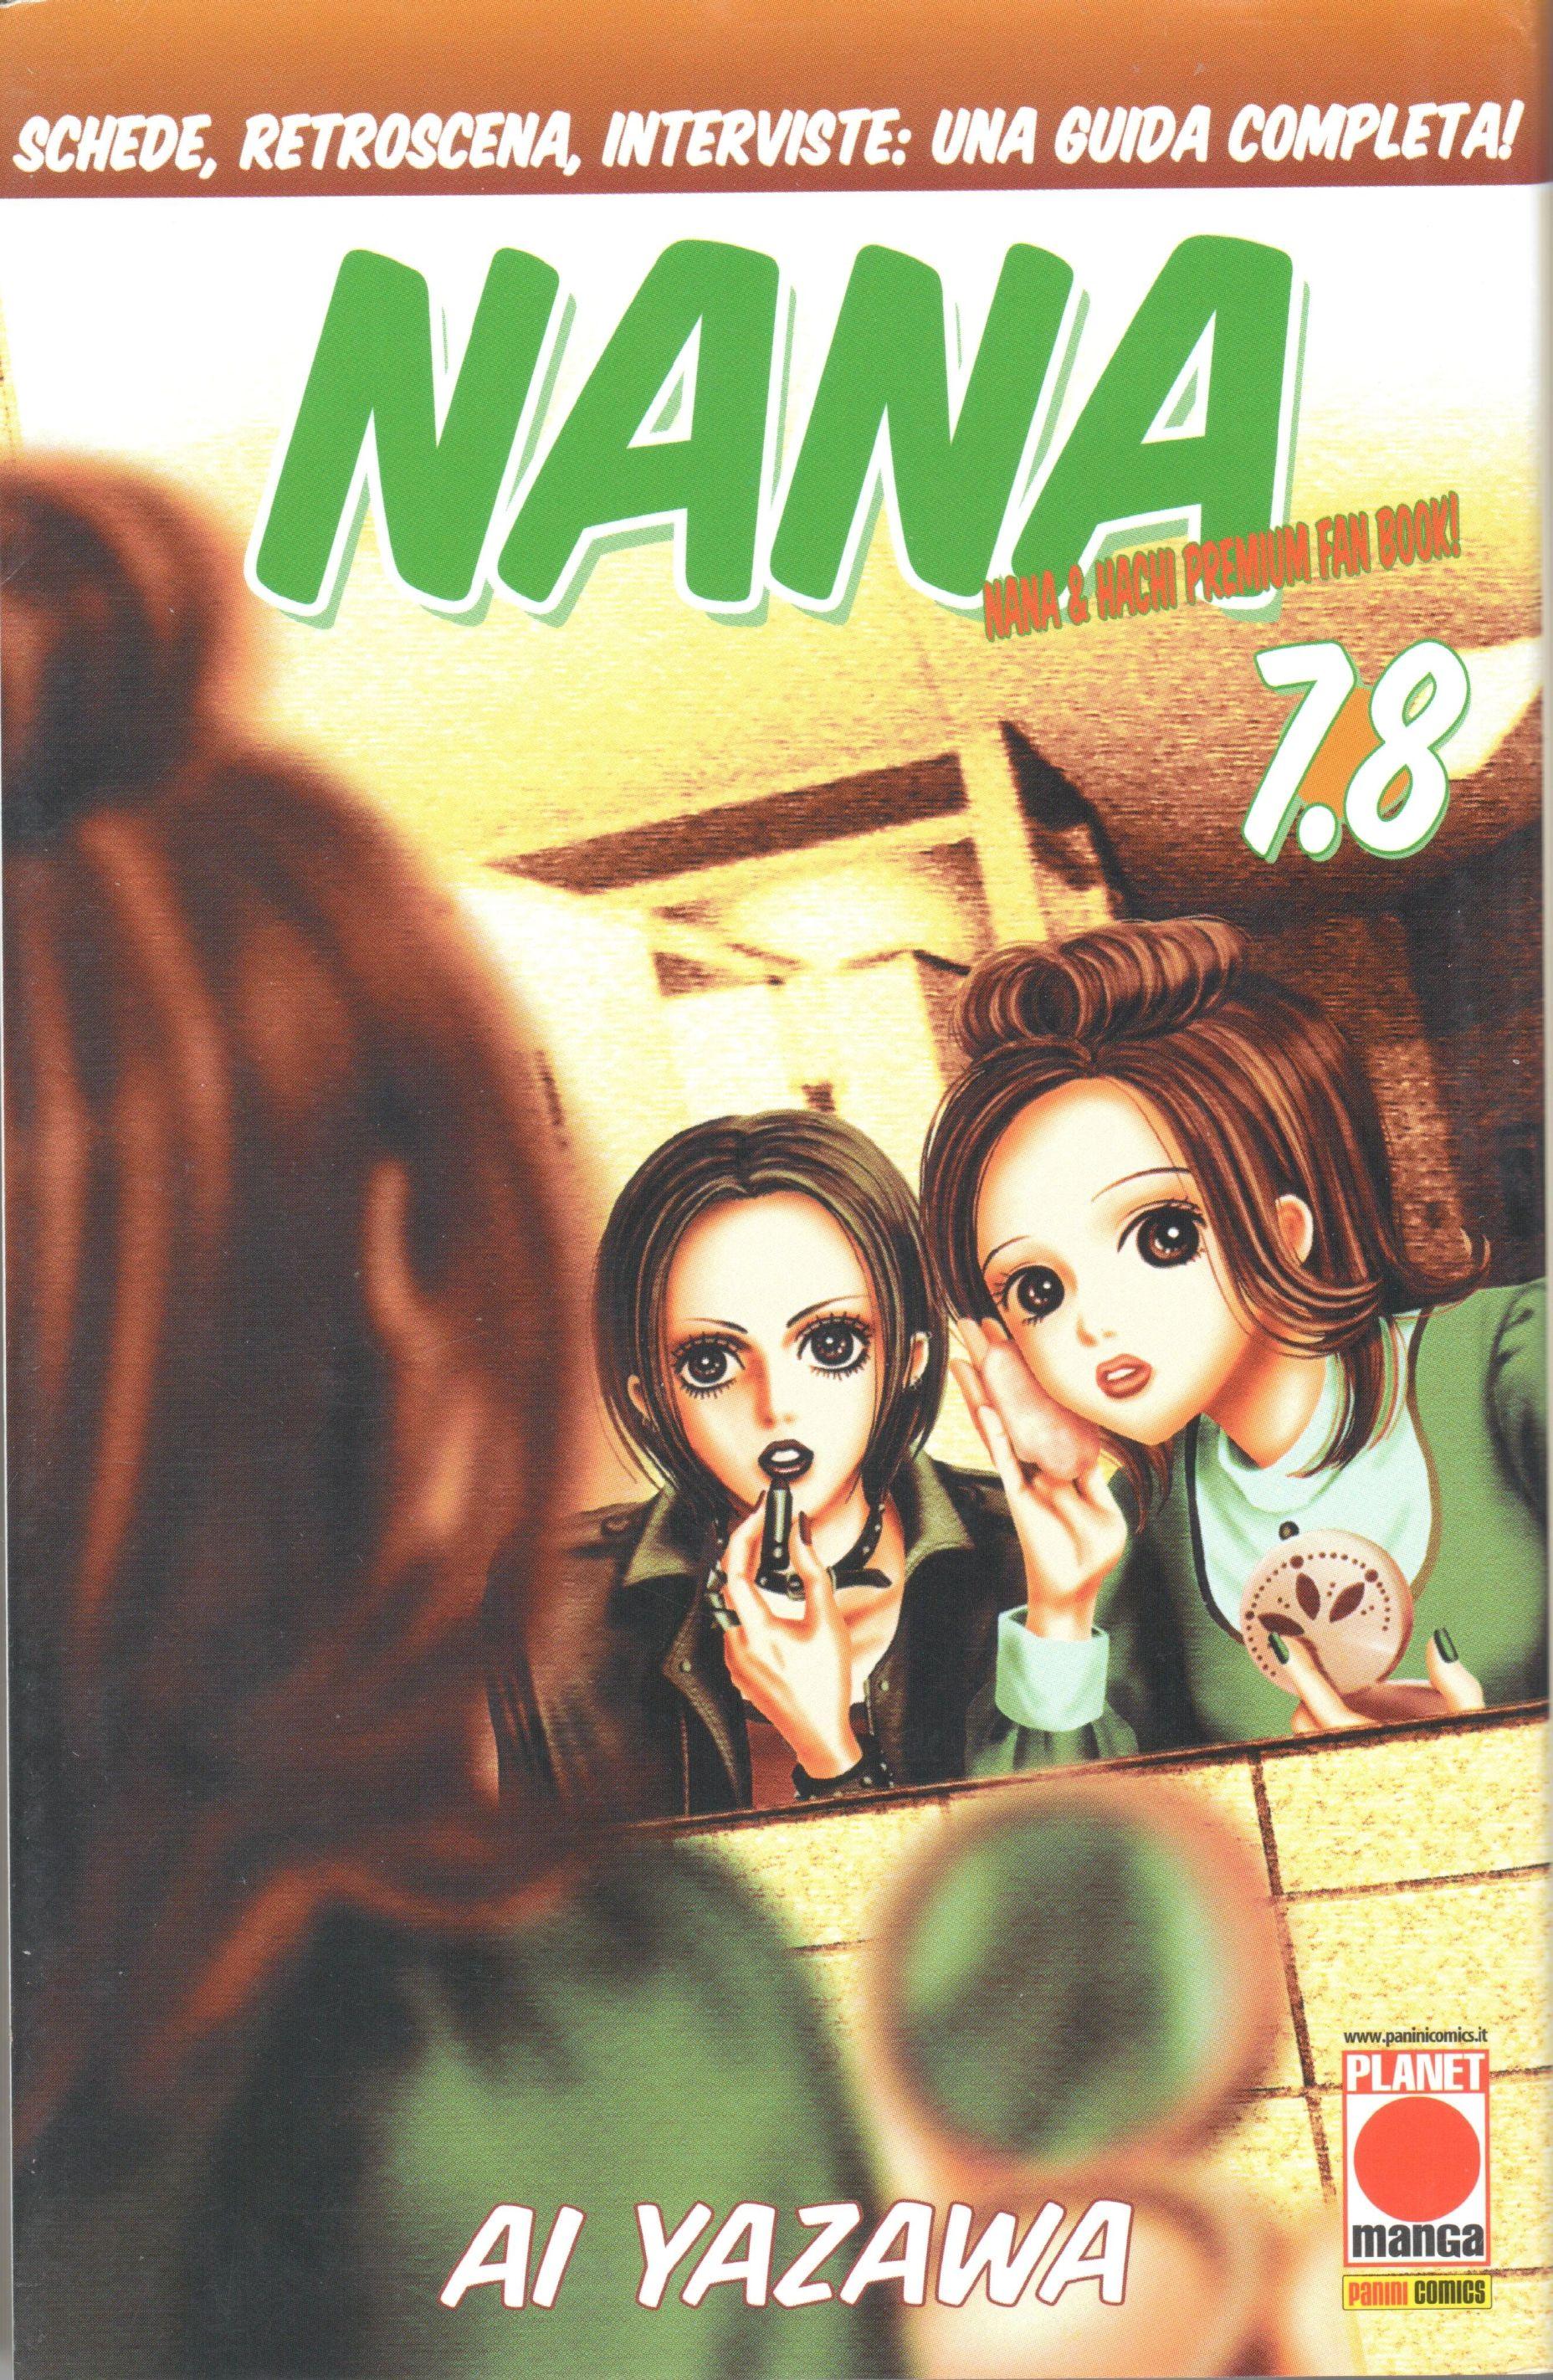 Nana 7.8